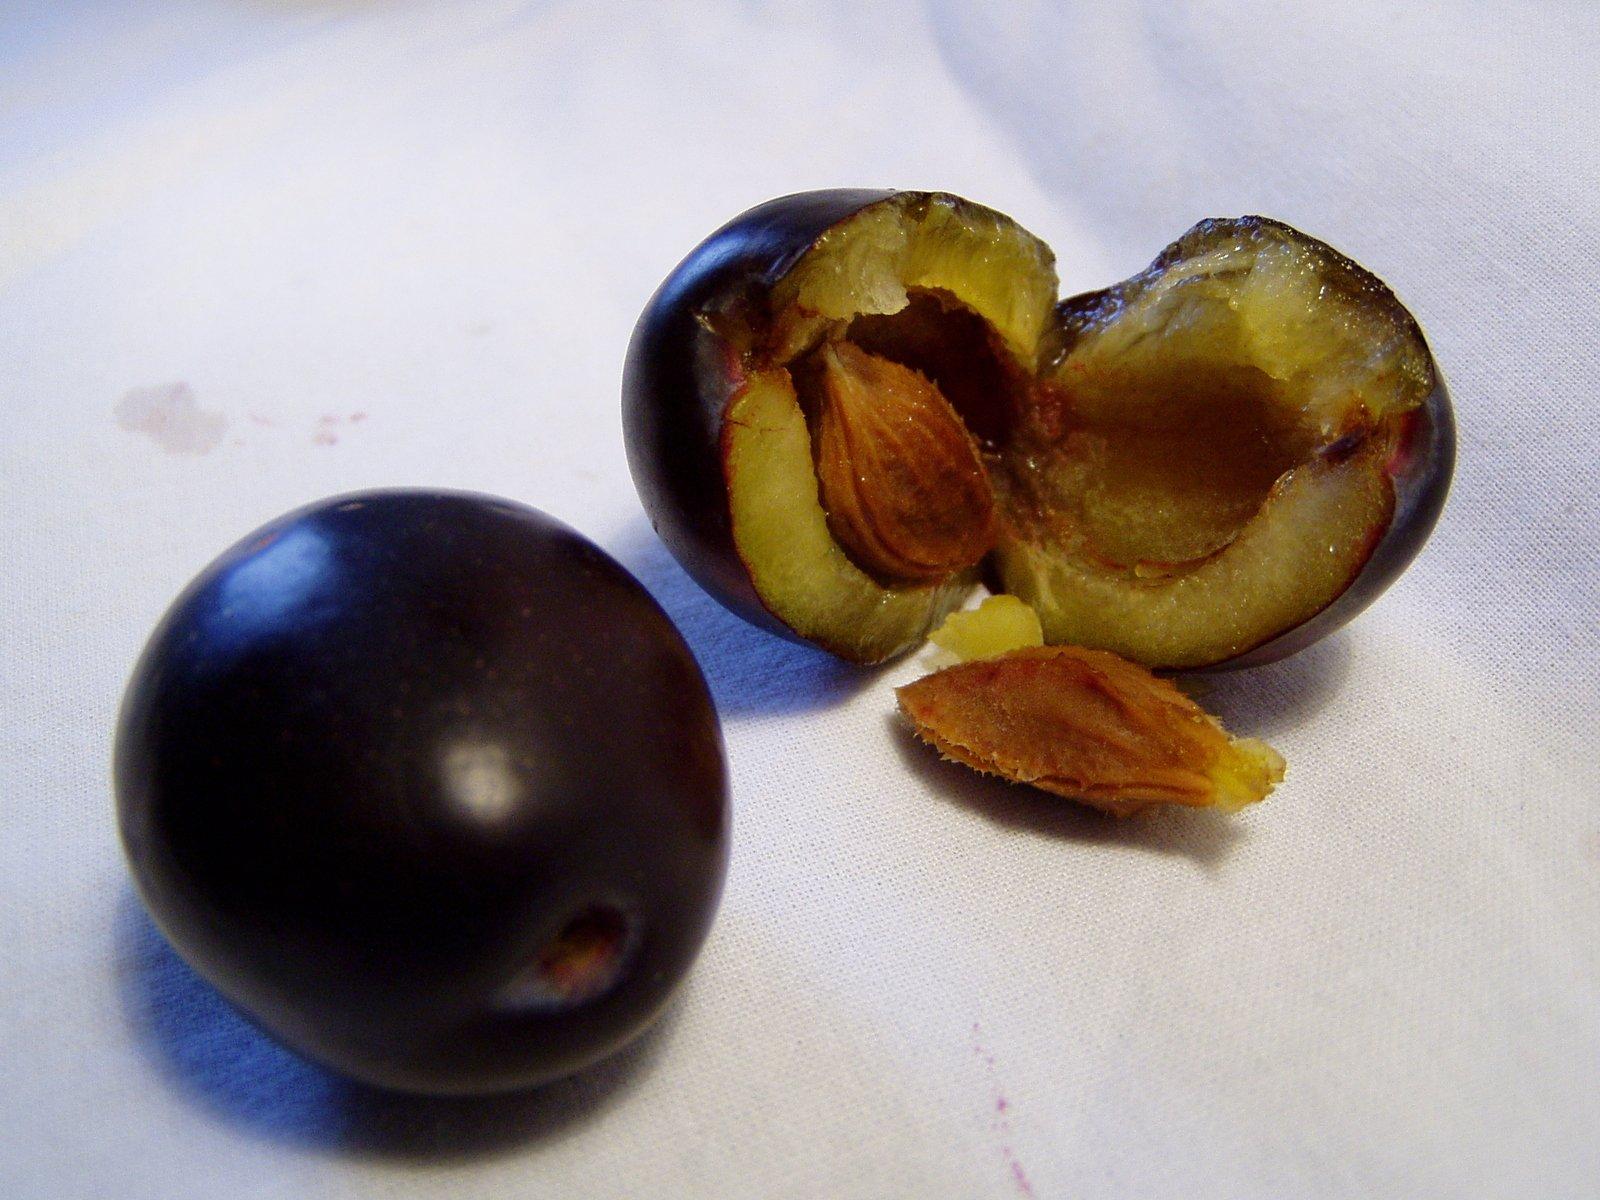 Ребенок проглотил косточку абрикоса или вишни-что делать? — teletype